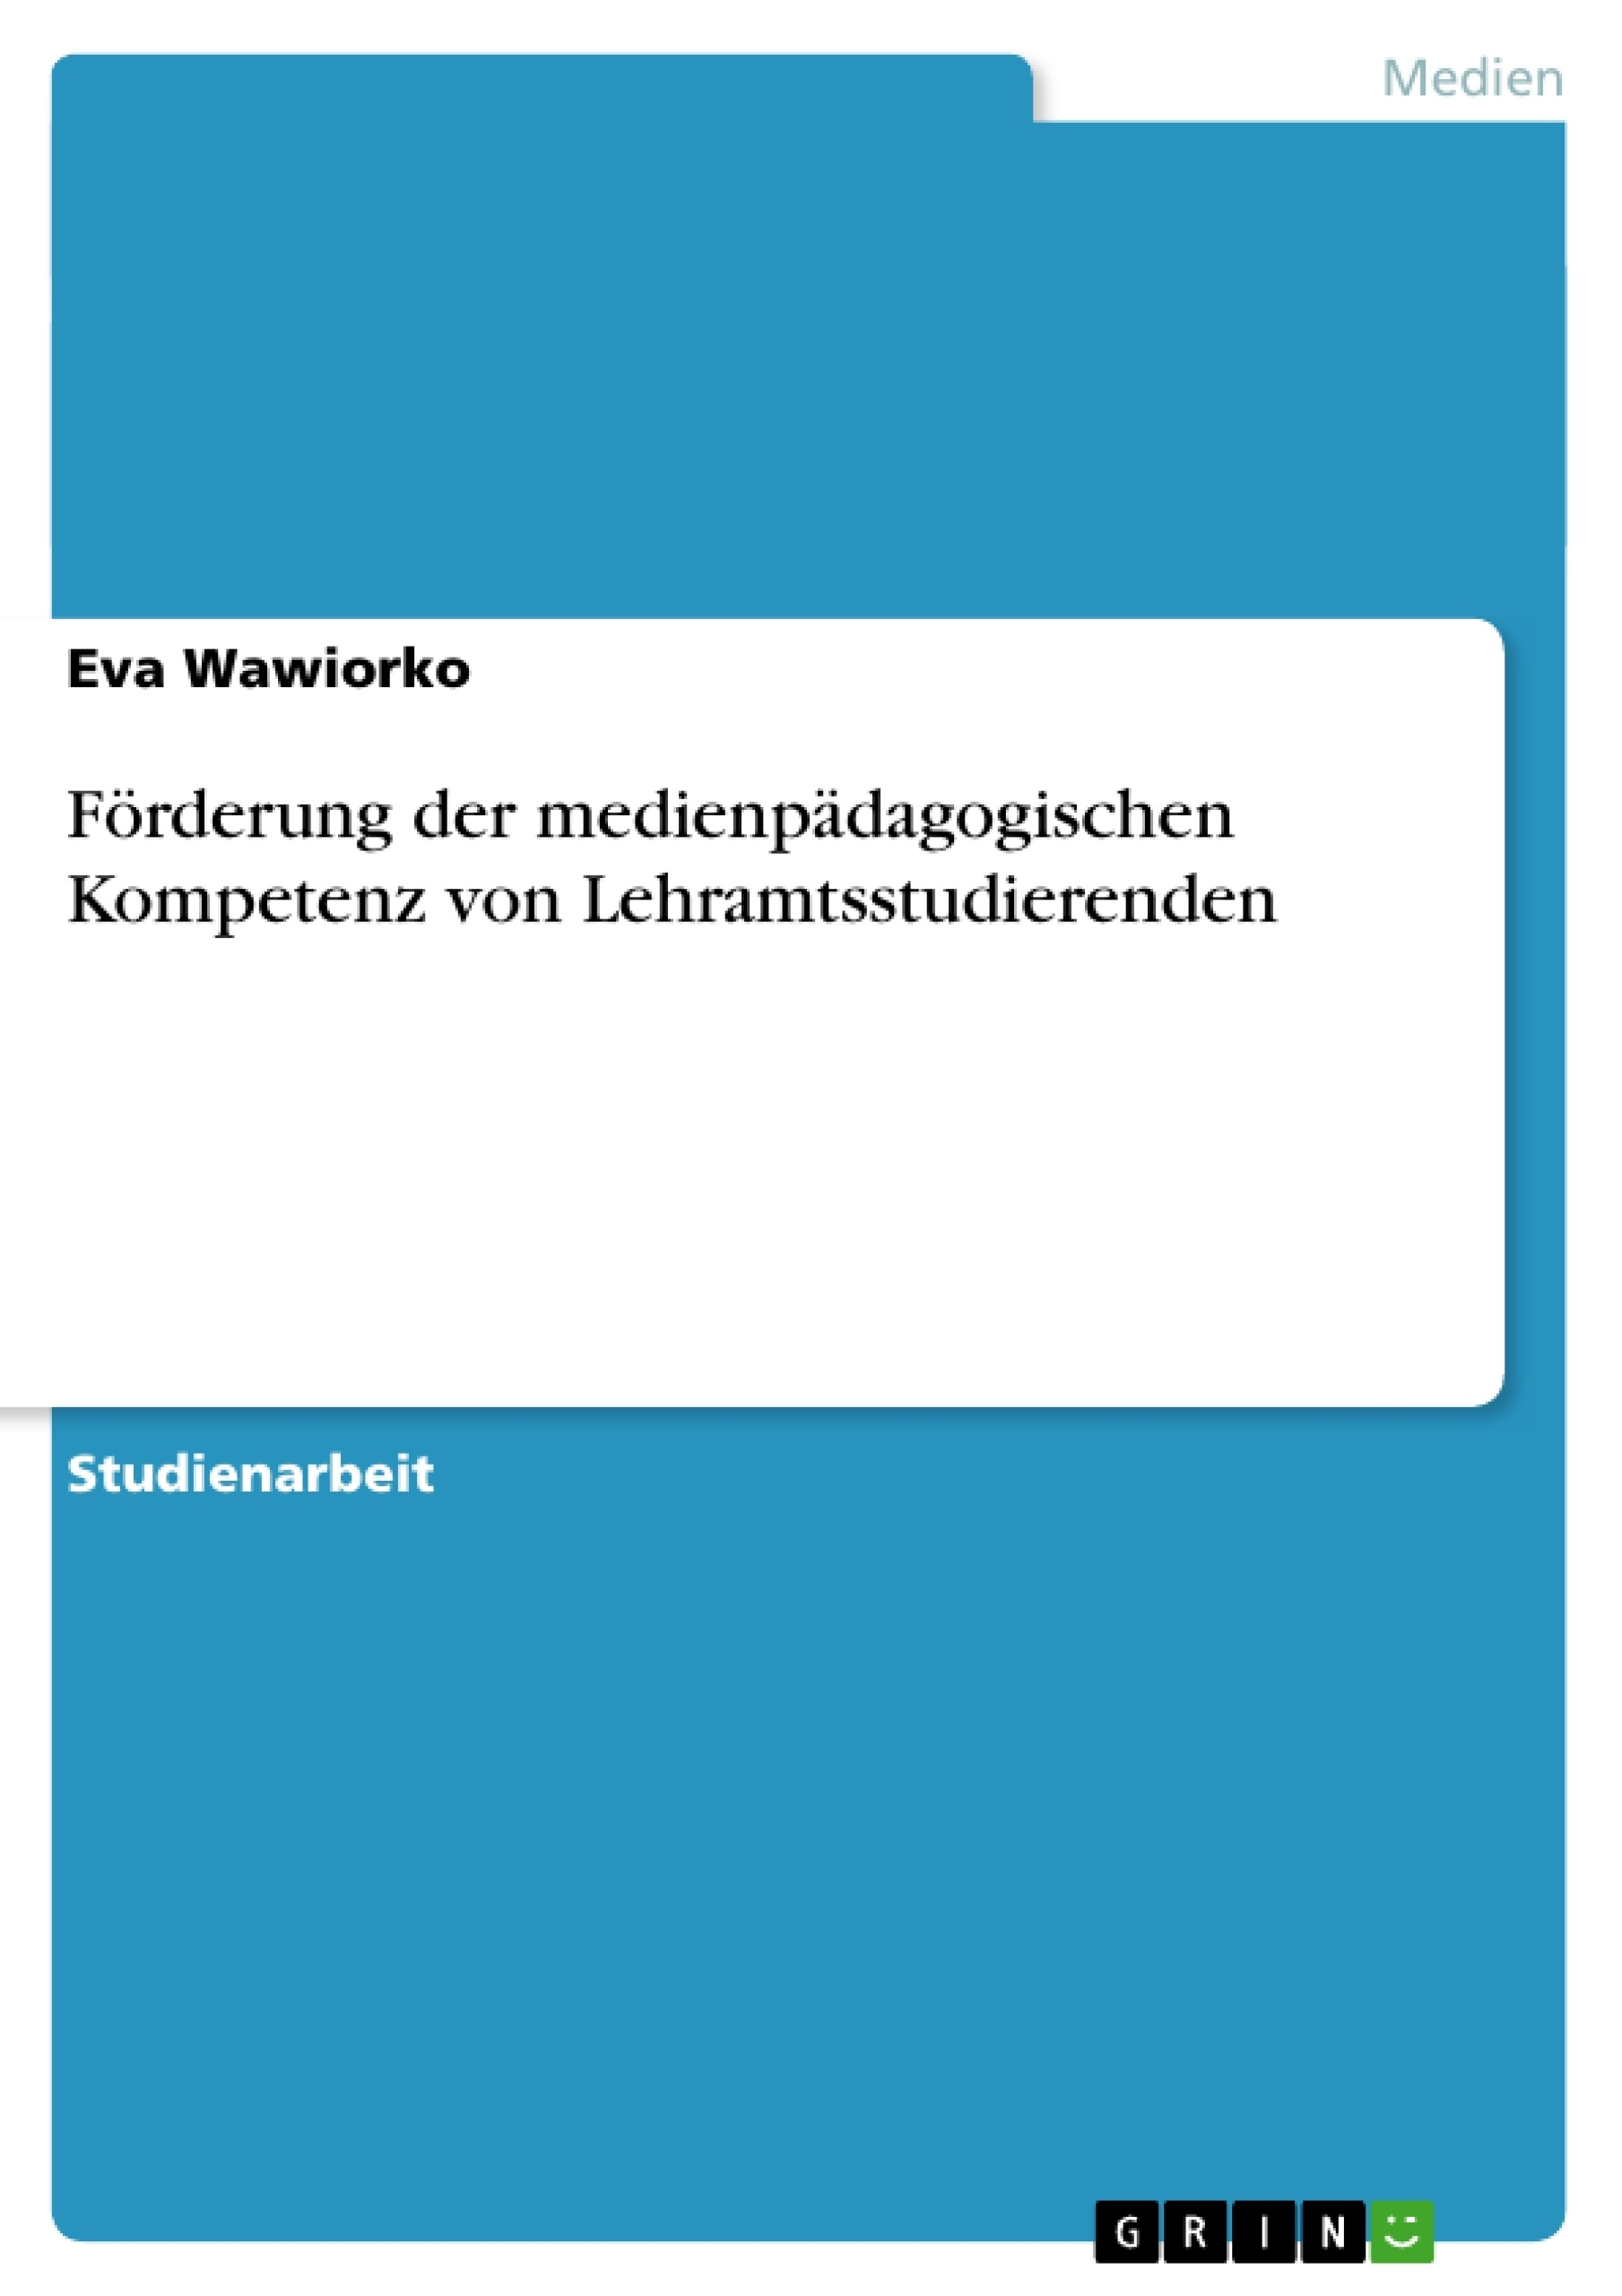 Titel: Förderung der medienpädagogischen Kompetenz von Lehramtsstudierenden